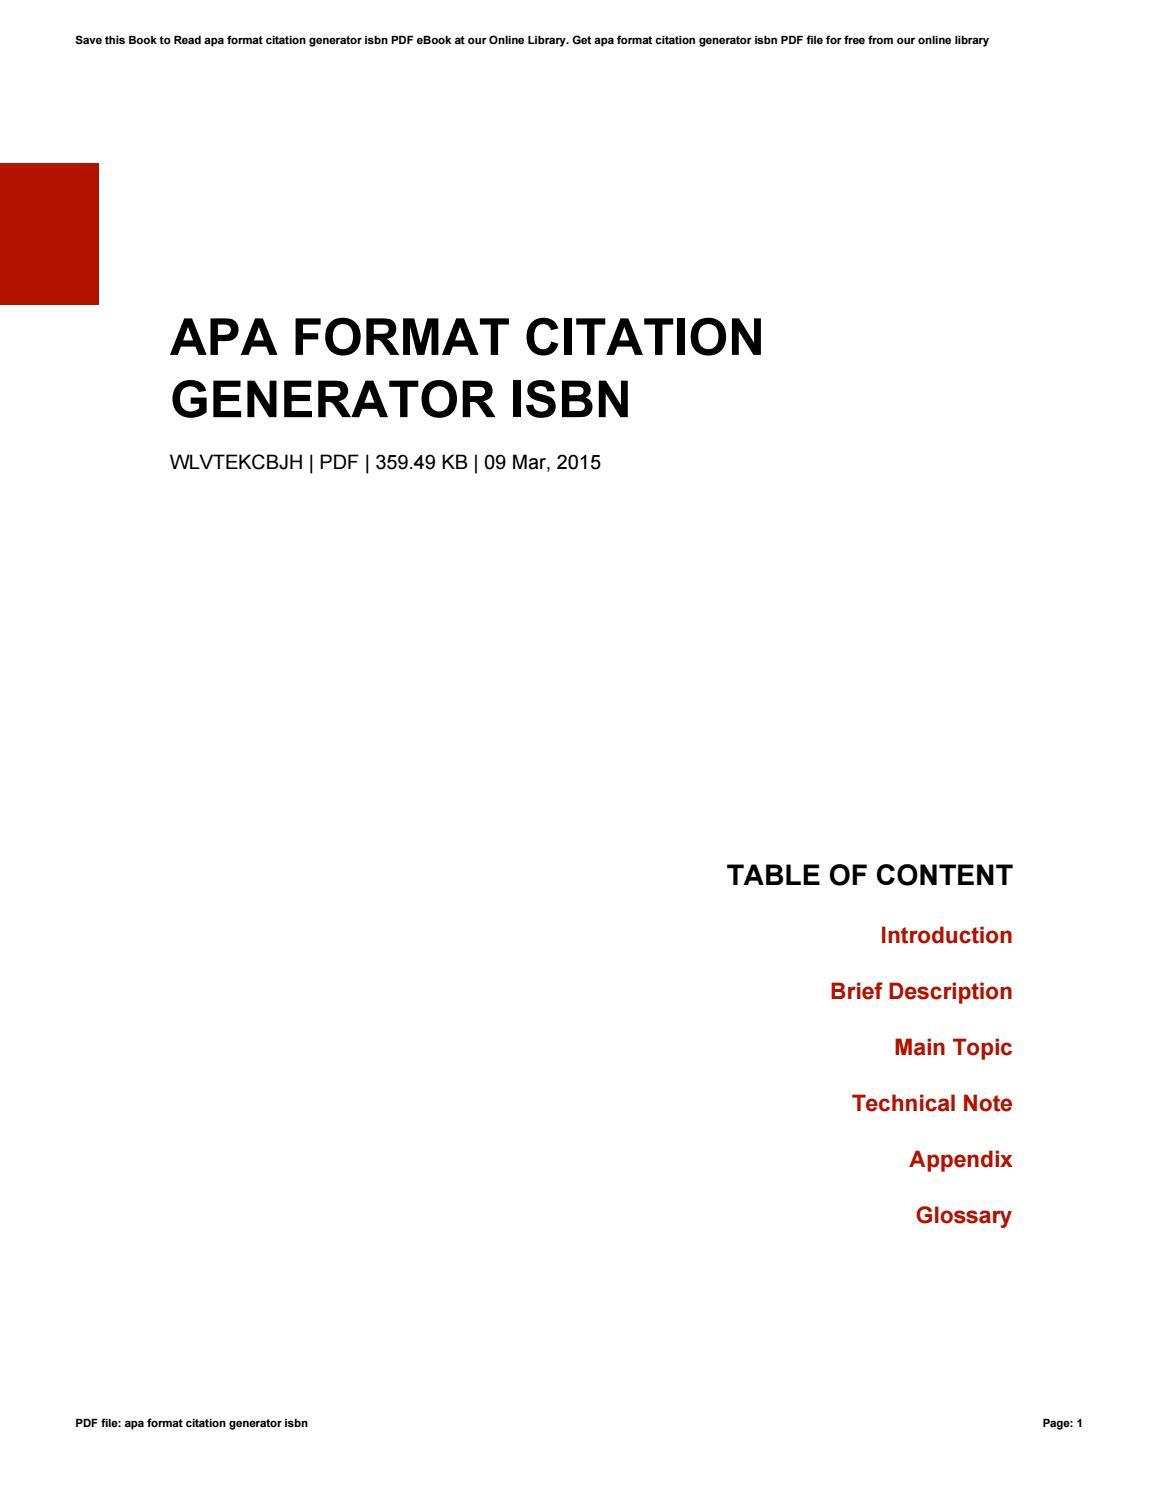 apa format reference generator